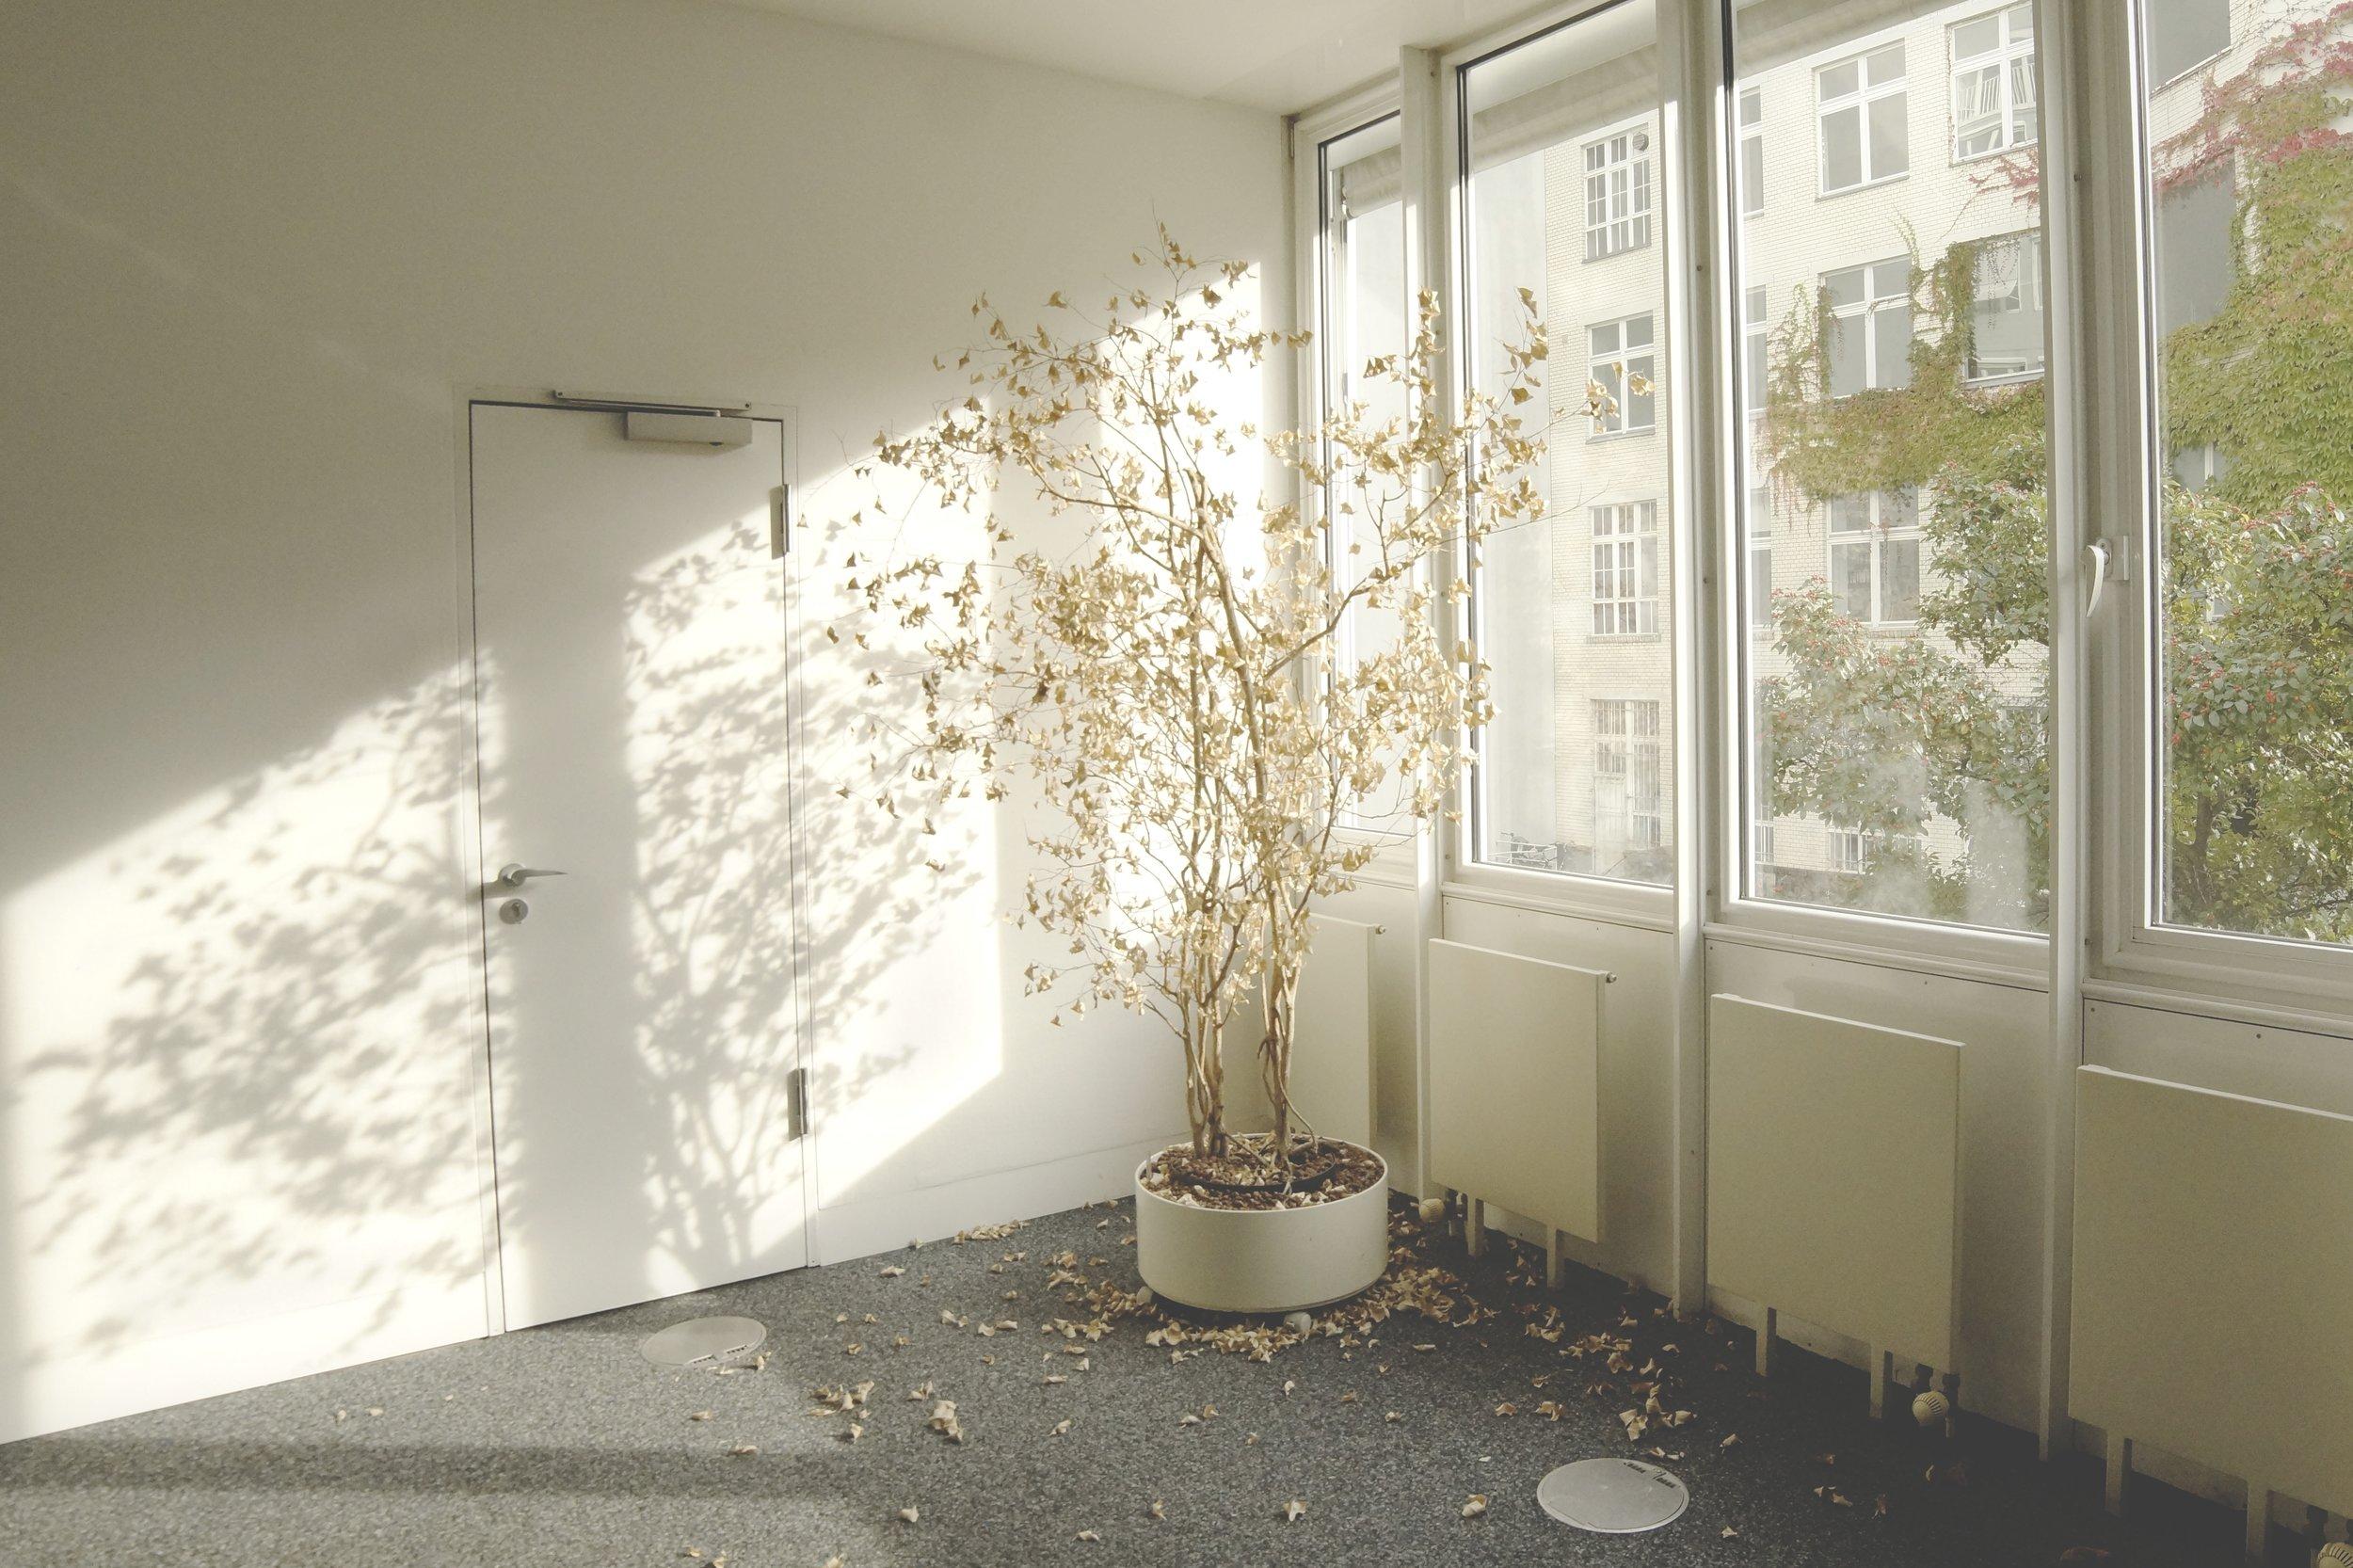 dried tree near window in yellow light